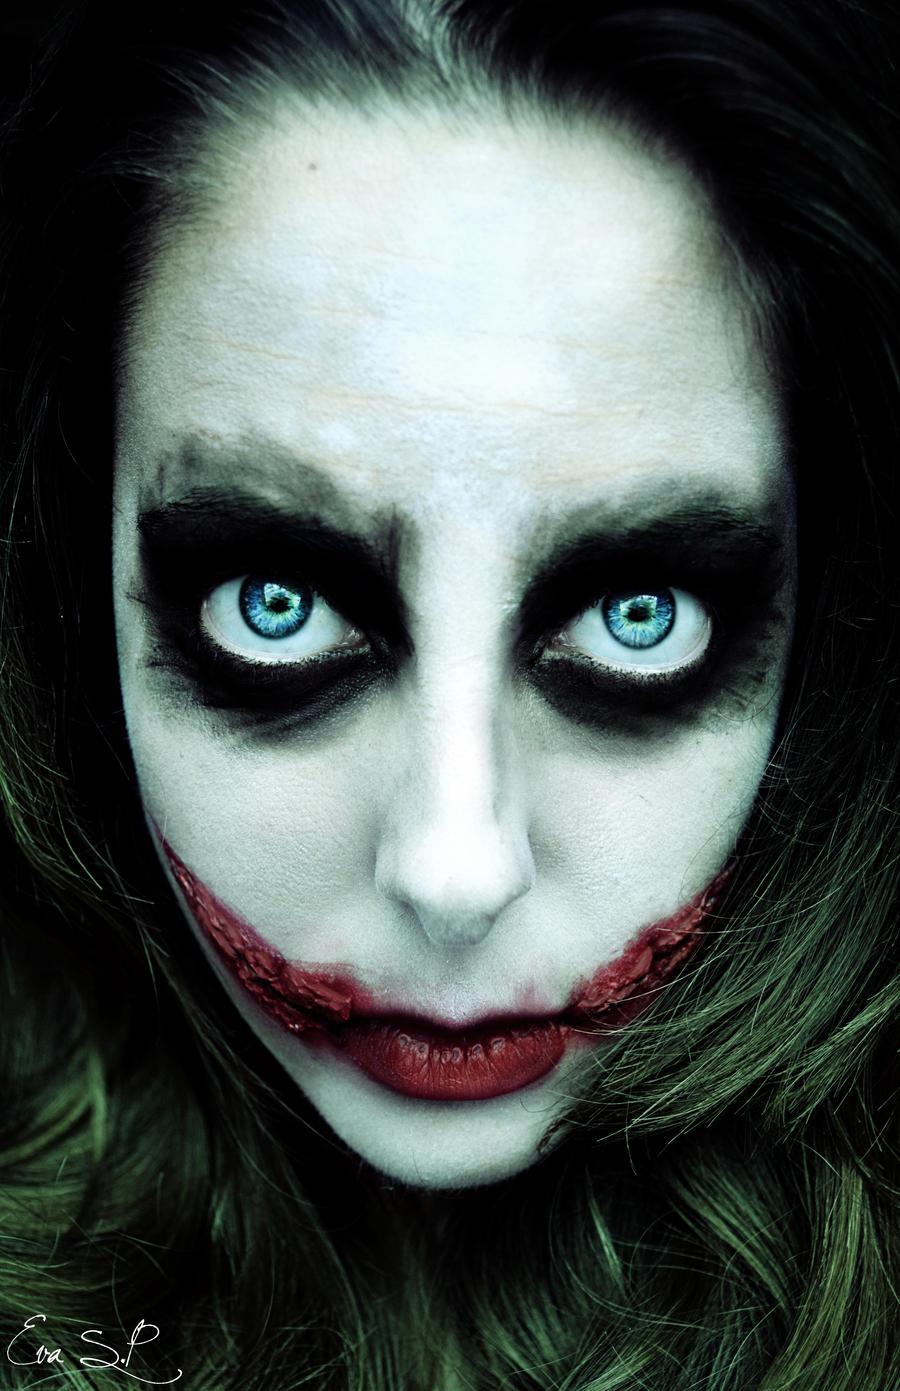 Joker Halloween Makeup by Chuchy5 on DeviantArt